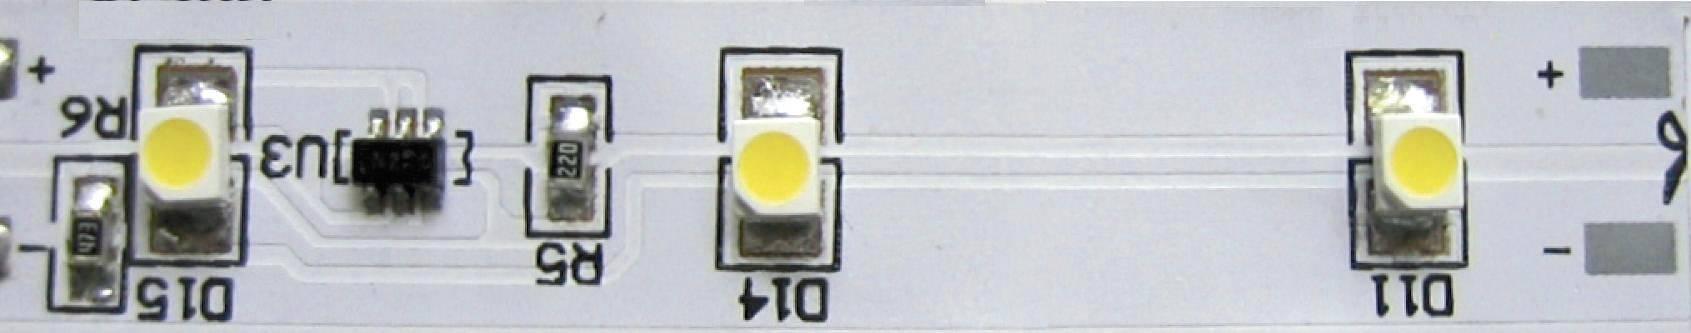 LED pás ohebný samolepicí 12VDC ledxon LED STRIPE 12V KALTWEIß, 9009039, 50 mm, chladná bílá